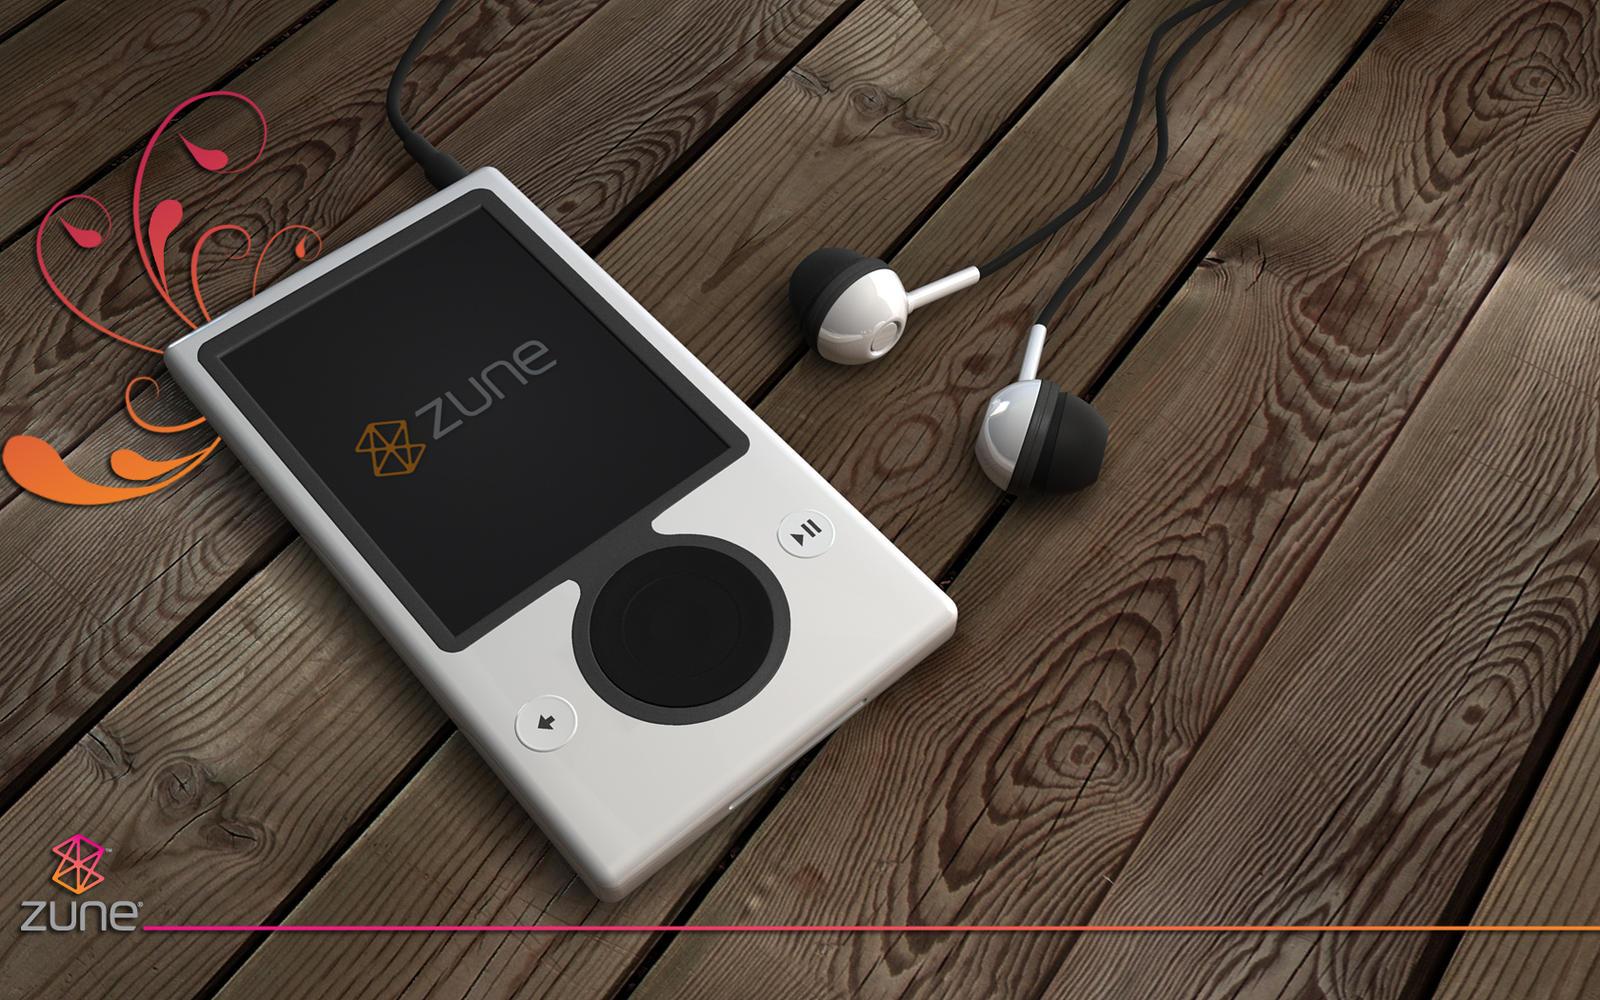 zune new render by 3DEricDesign